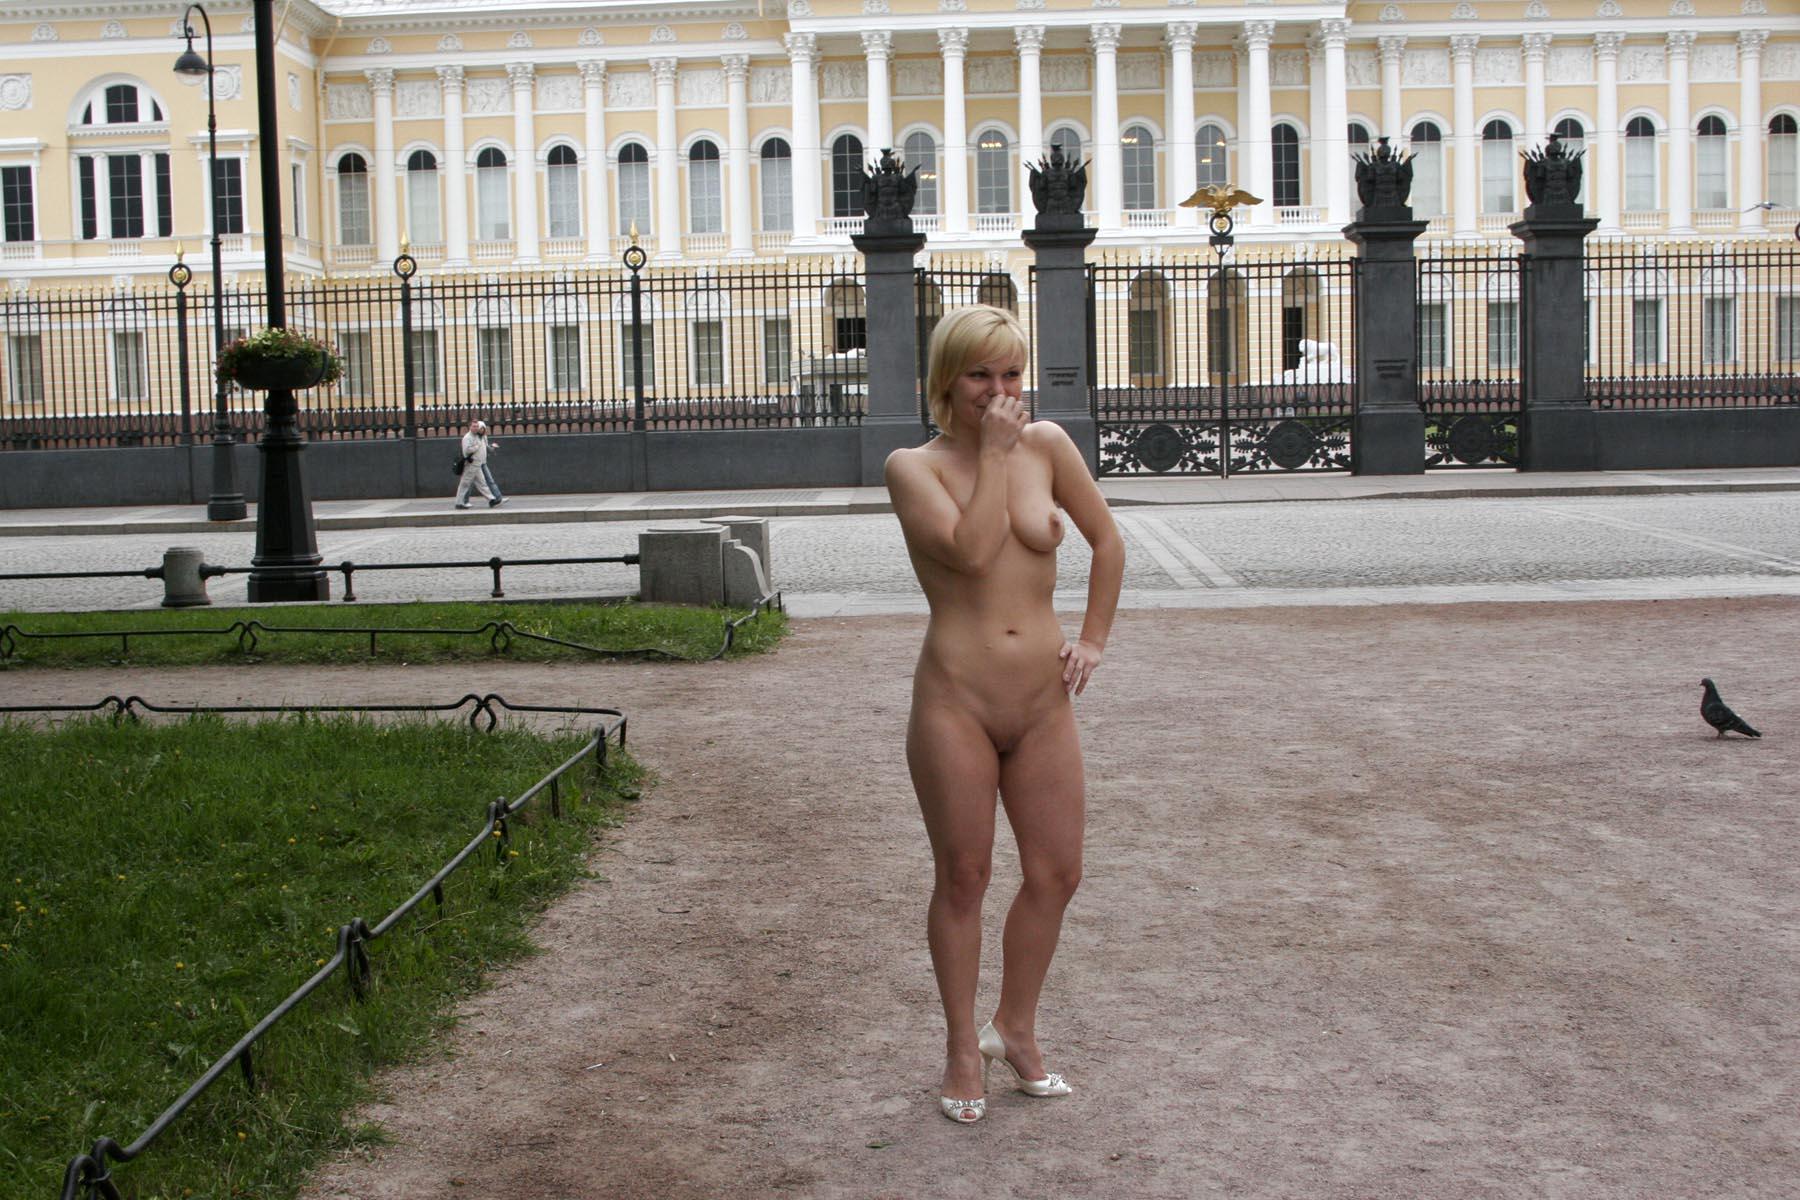 roliki-prezervativah-foto-golie-po-gorodu-sochnih